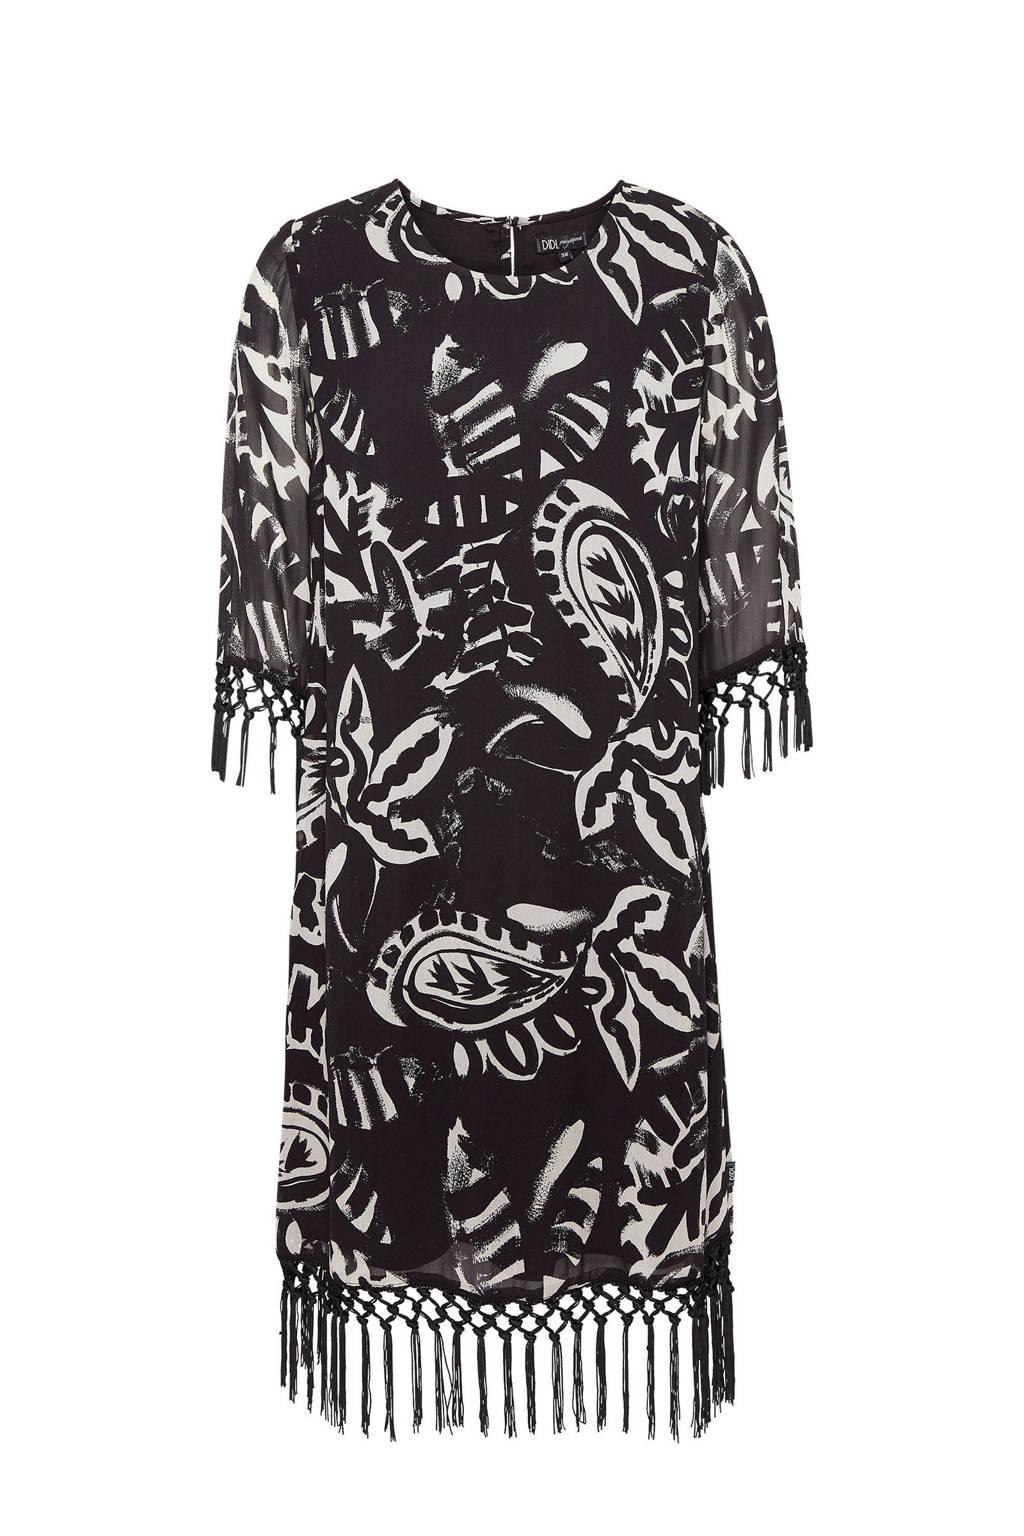 Didi jurk met franjes zwart, Zwart